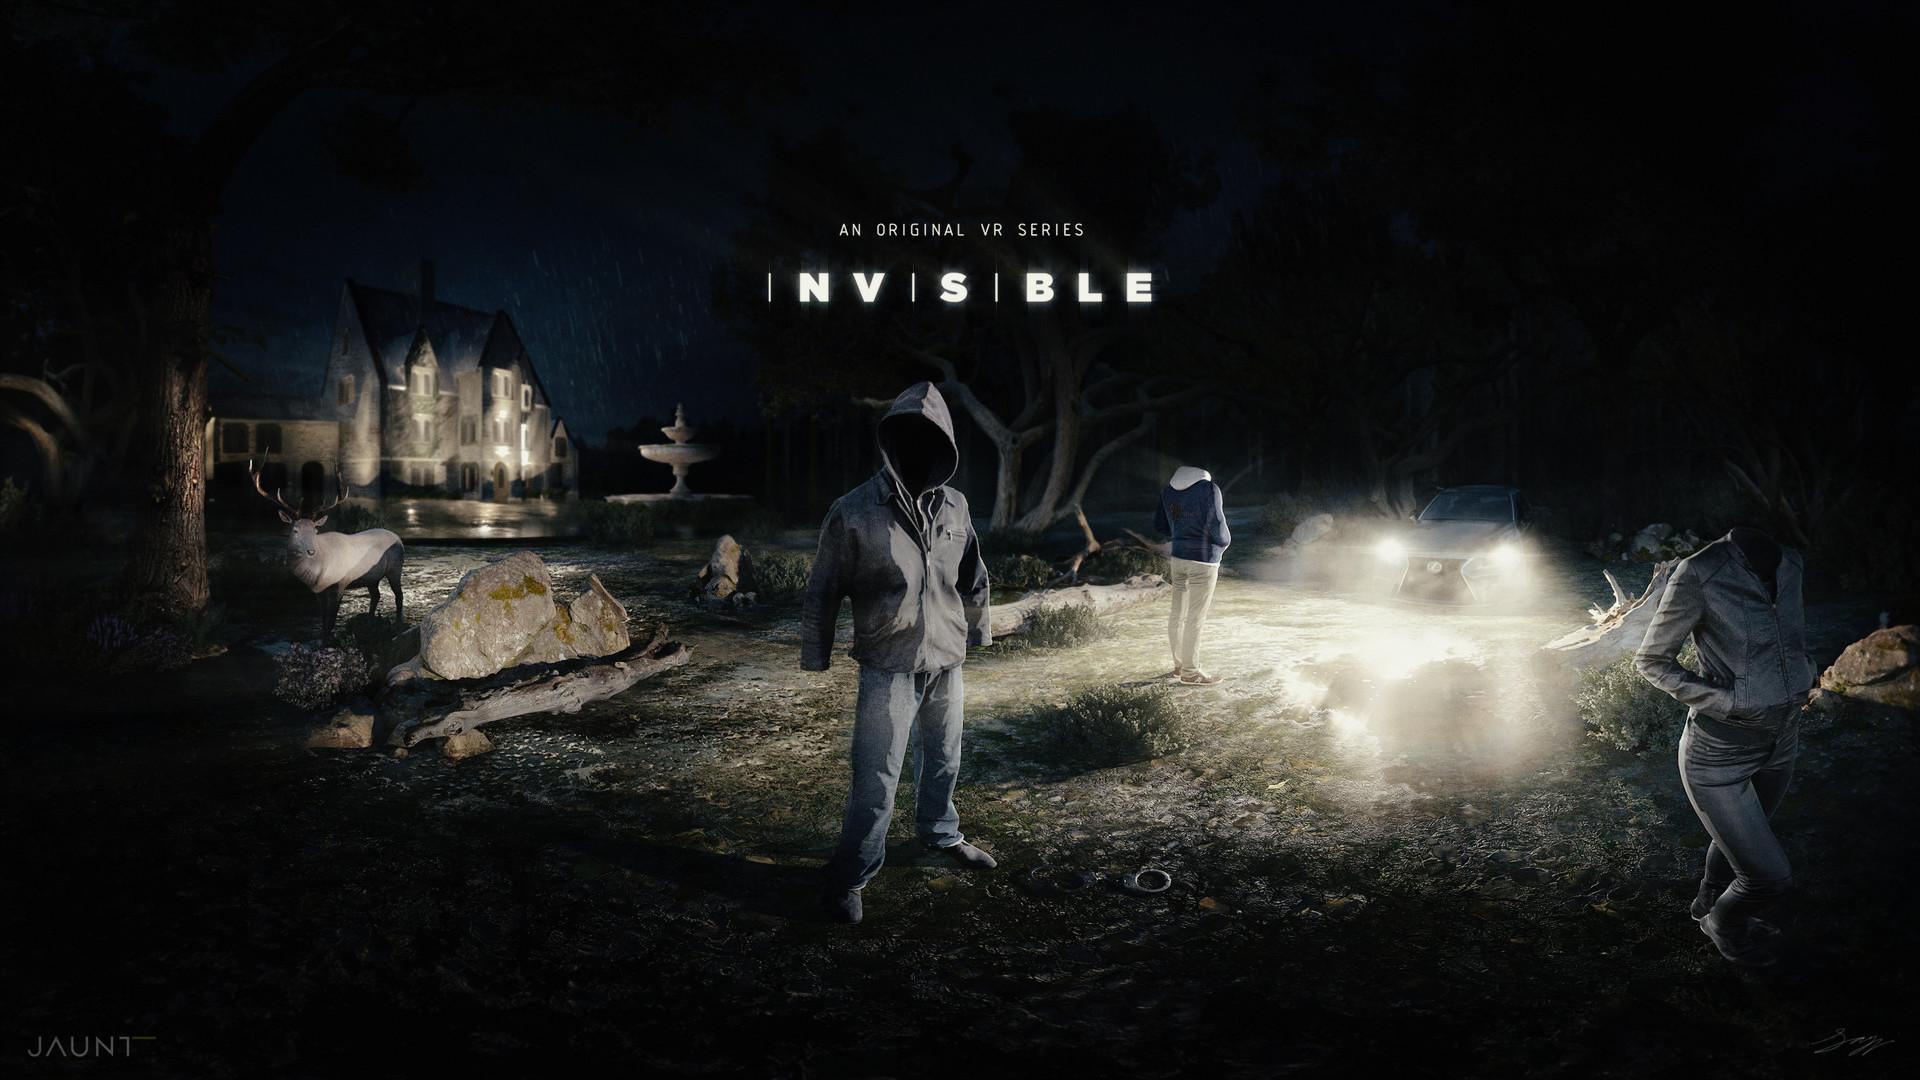 VR Invisible